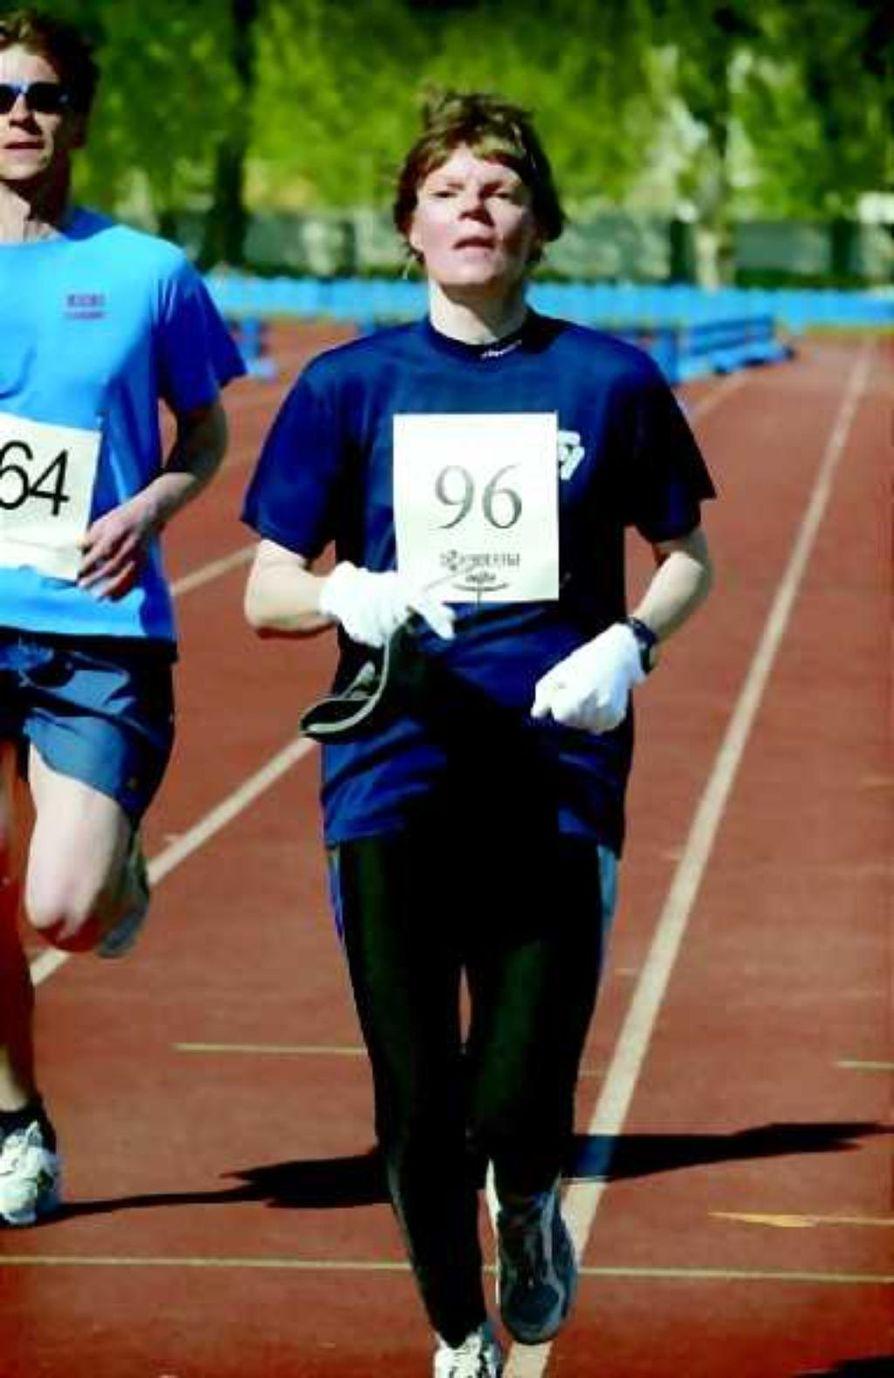 Kadonneen kunnon metsästäjä. Vielä muutama metri ja Anja Saarisesta tulee 14. Oulu-maratonin naisten sarjan voittaja.